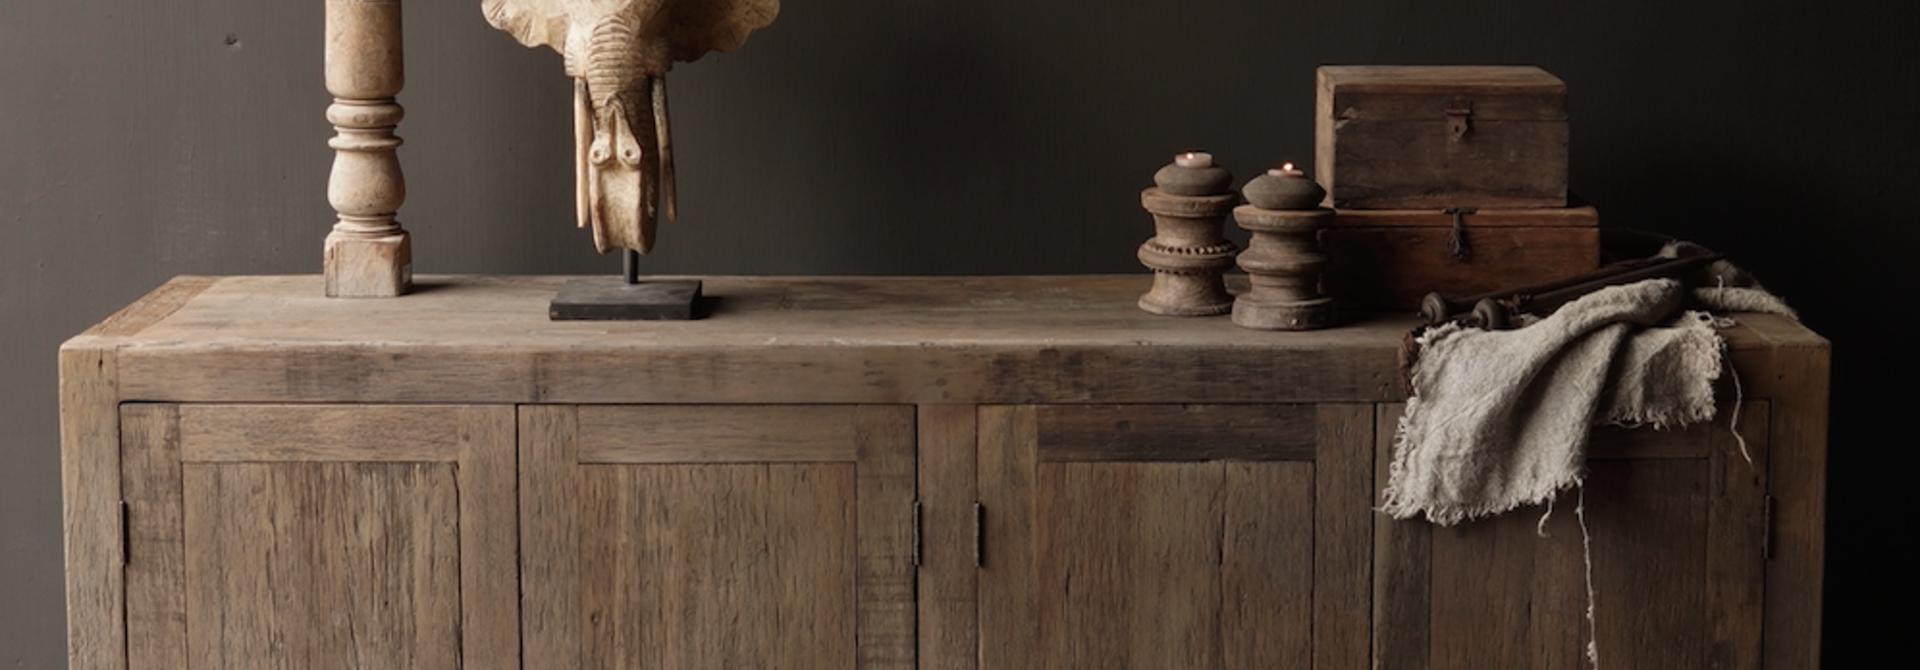 Prachtig  vergrijsd  Stoer  oud houten Dressoir met vier deurtjes